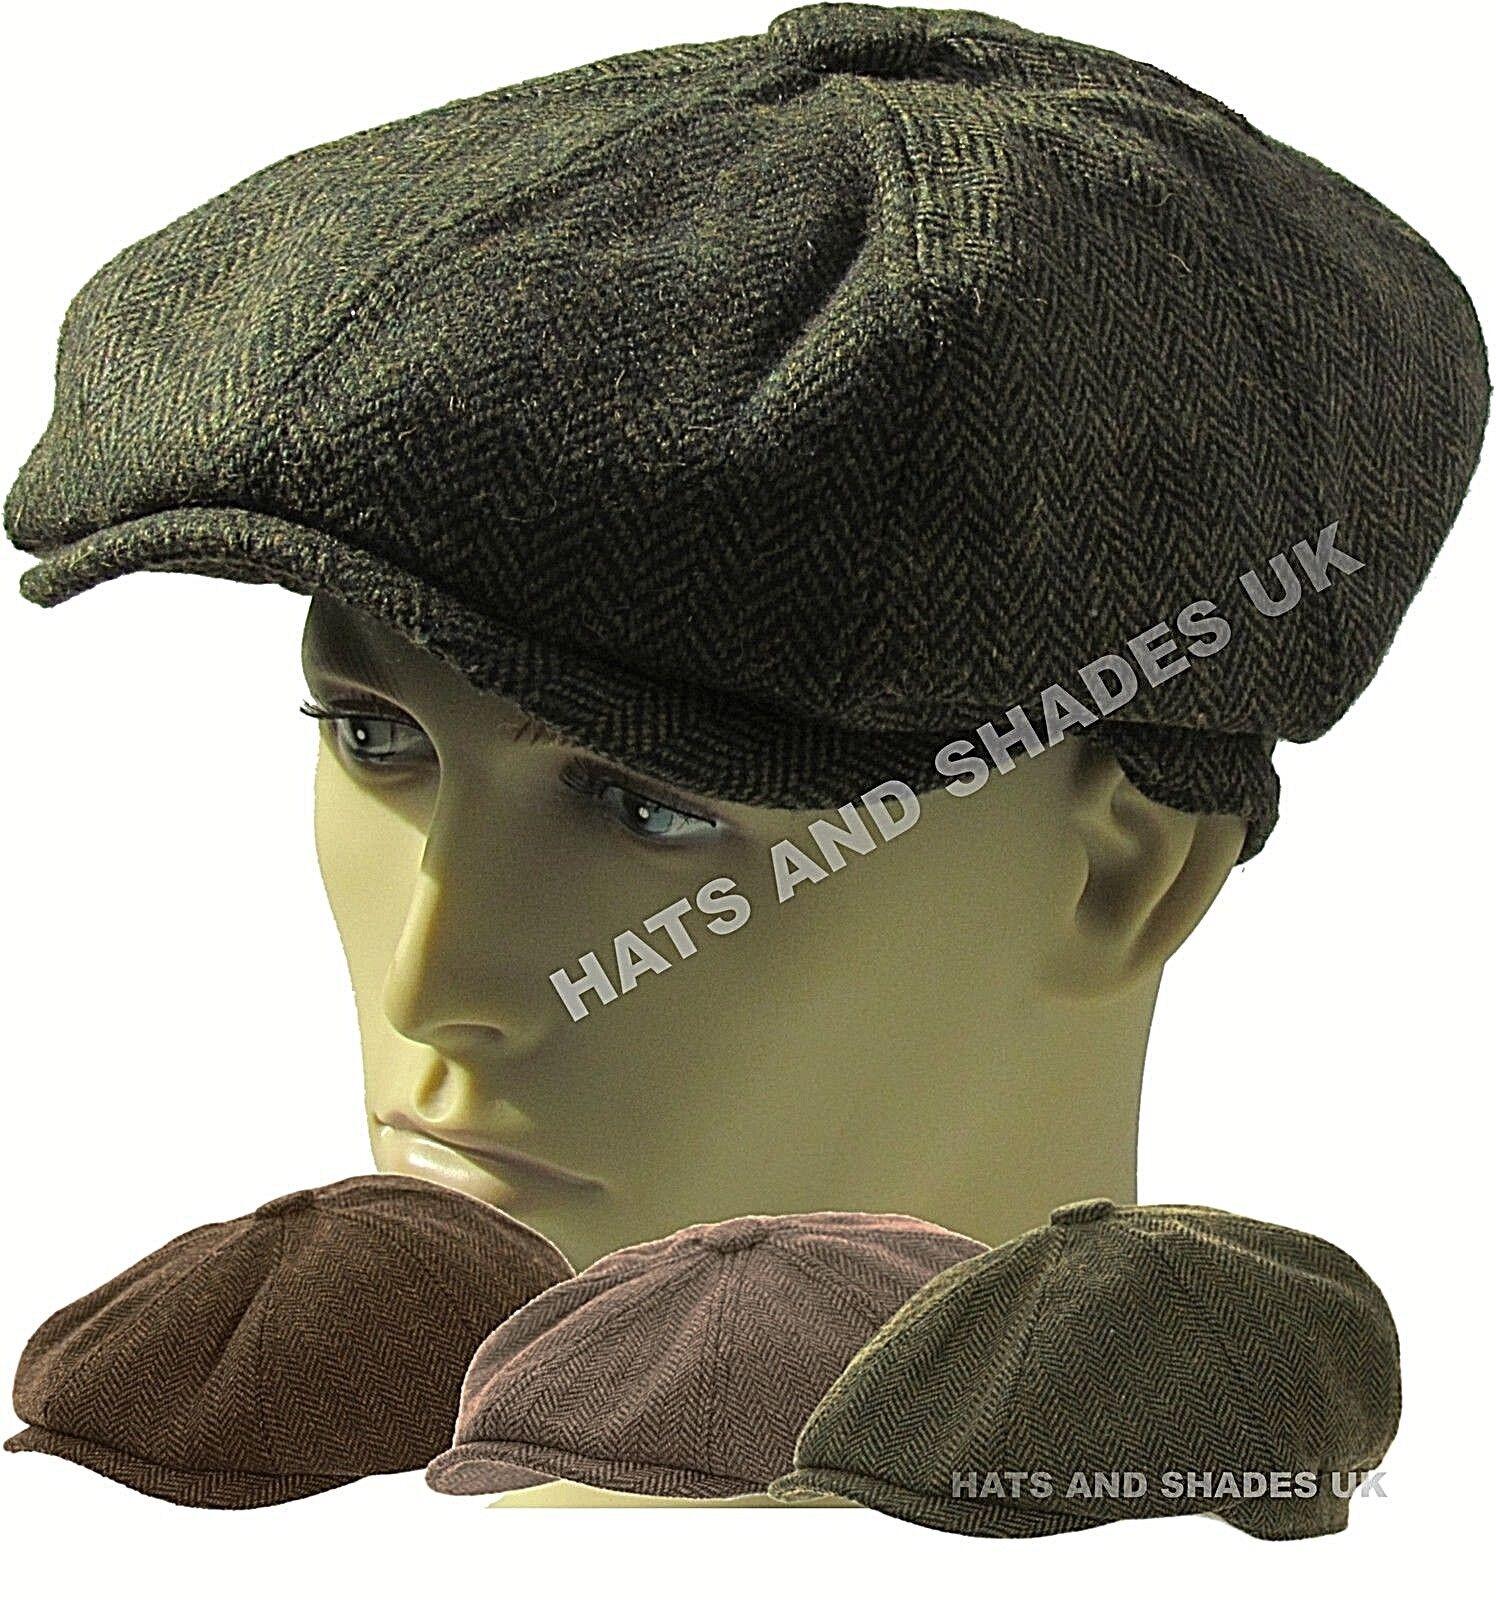 f6680f85af1 Mens Wool Flat Cap Peaked - 8 Panel Herringbone Check Racing Hat Beating  Newsboy 58cm Dark Brown for sale online